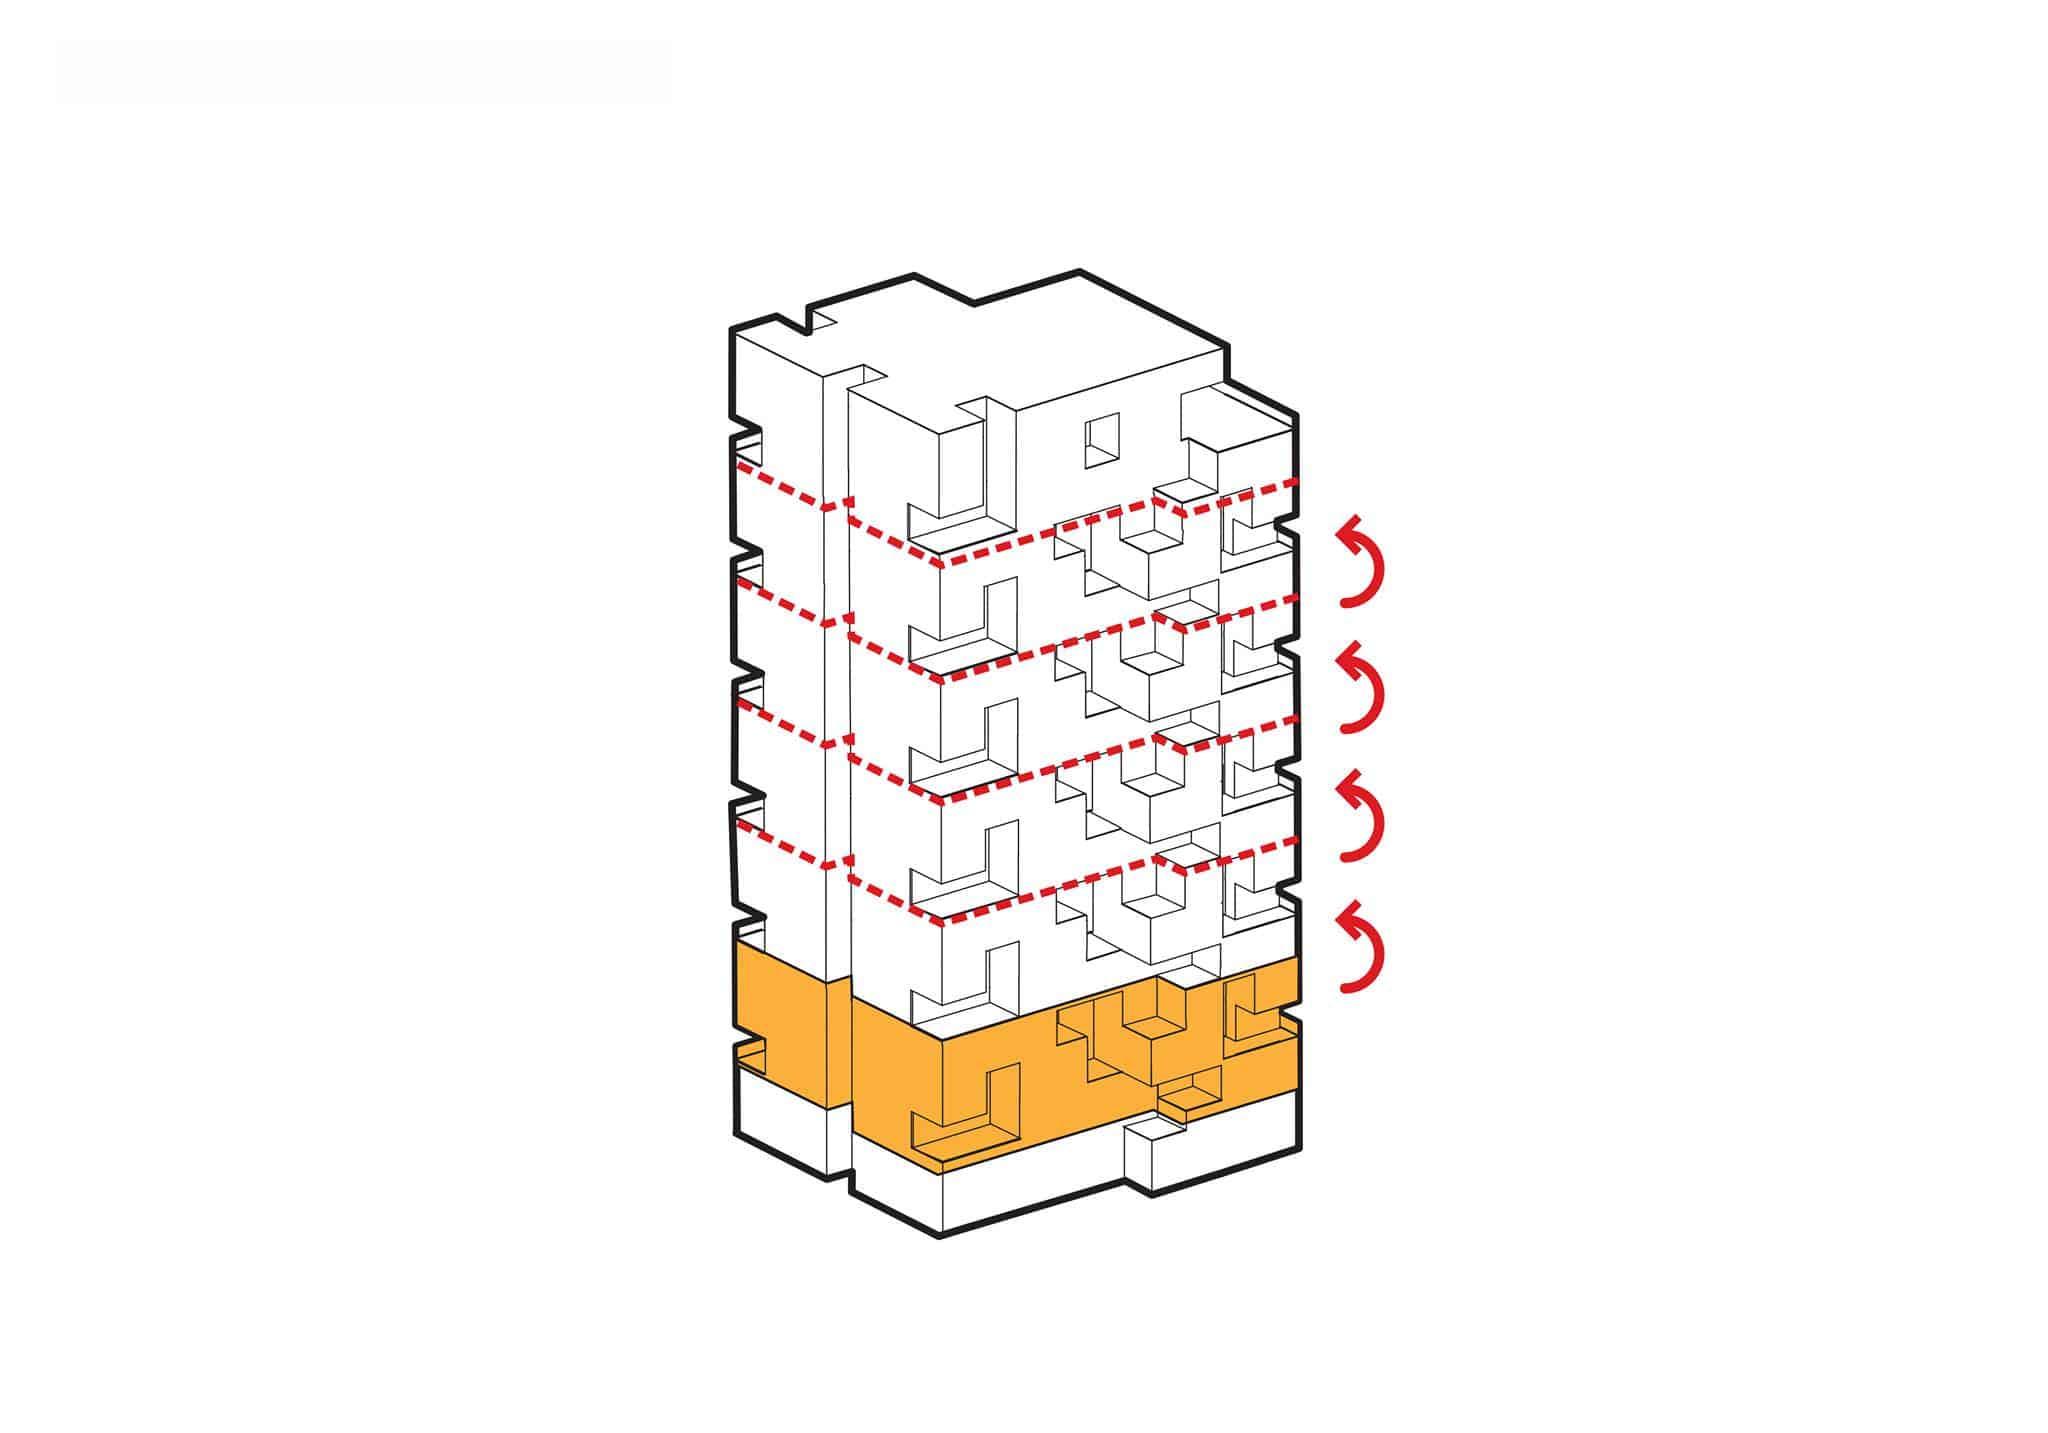 בונים מגדלי מגורים עם סקצ'אפ וזוכים בתחרויות! 10